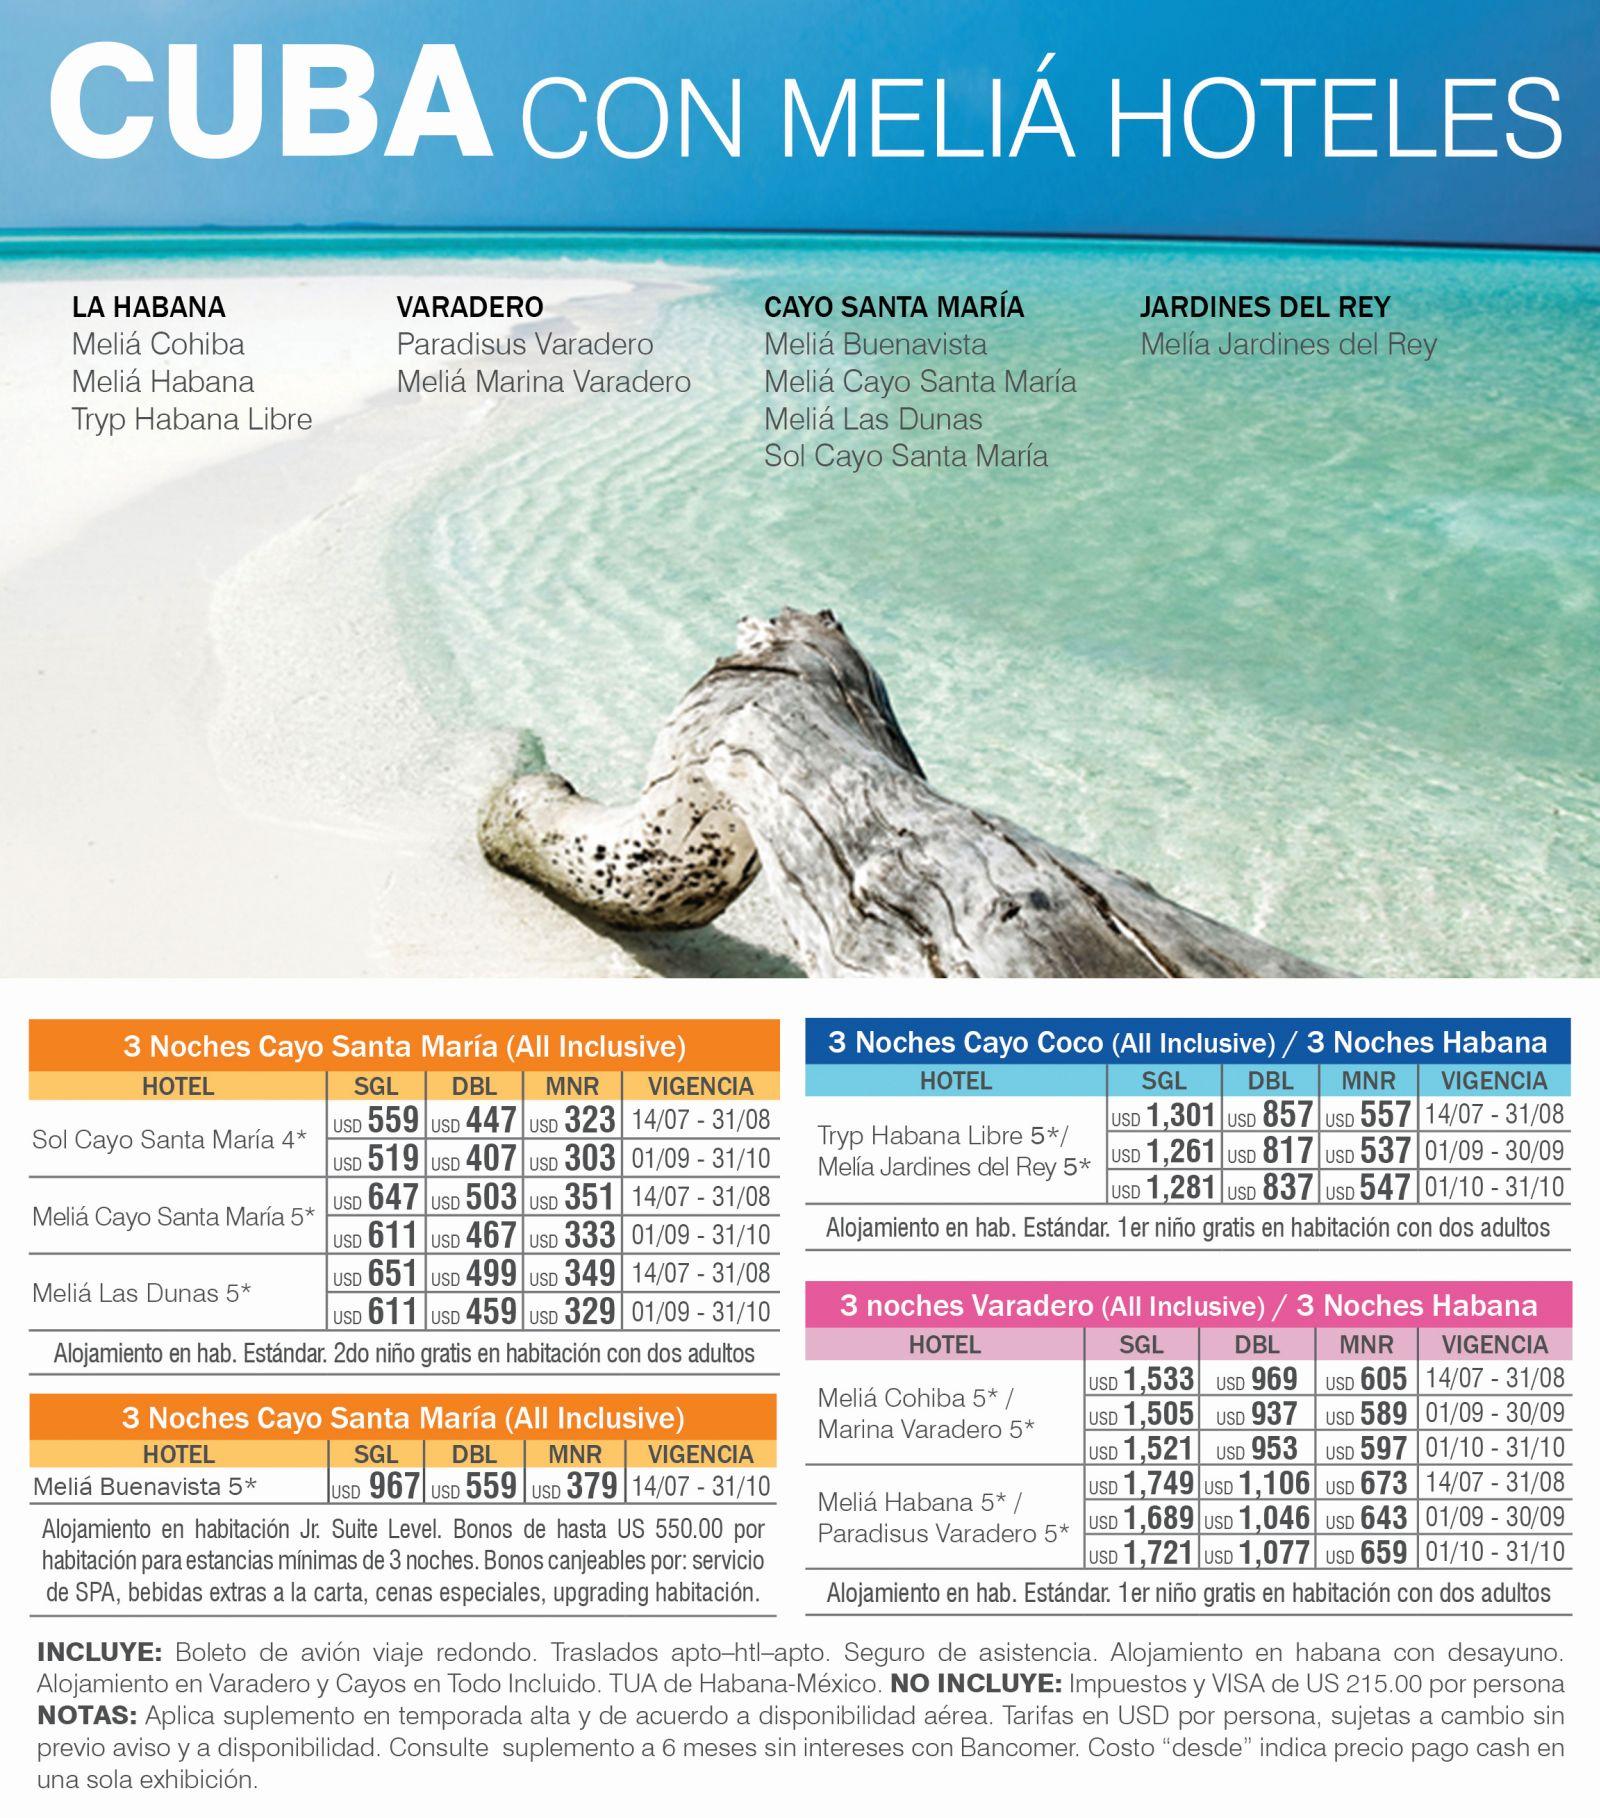 Cuba con Meliá Hoteles